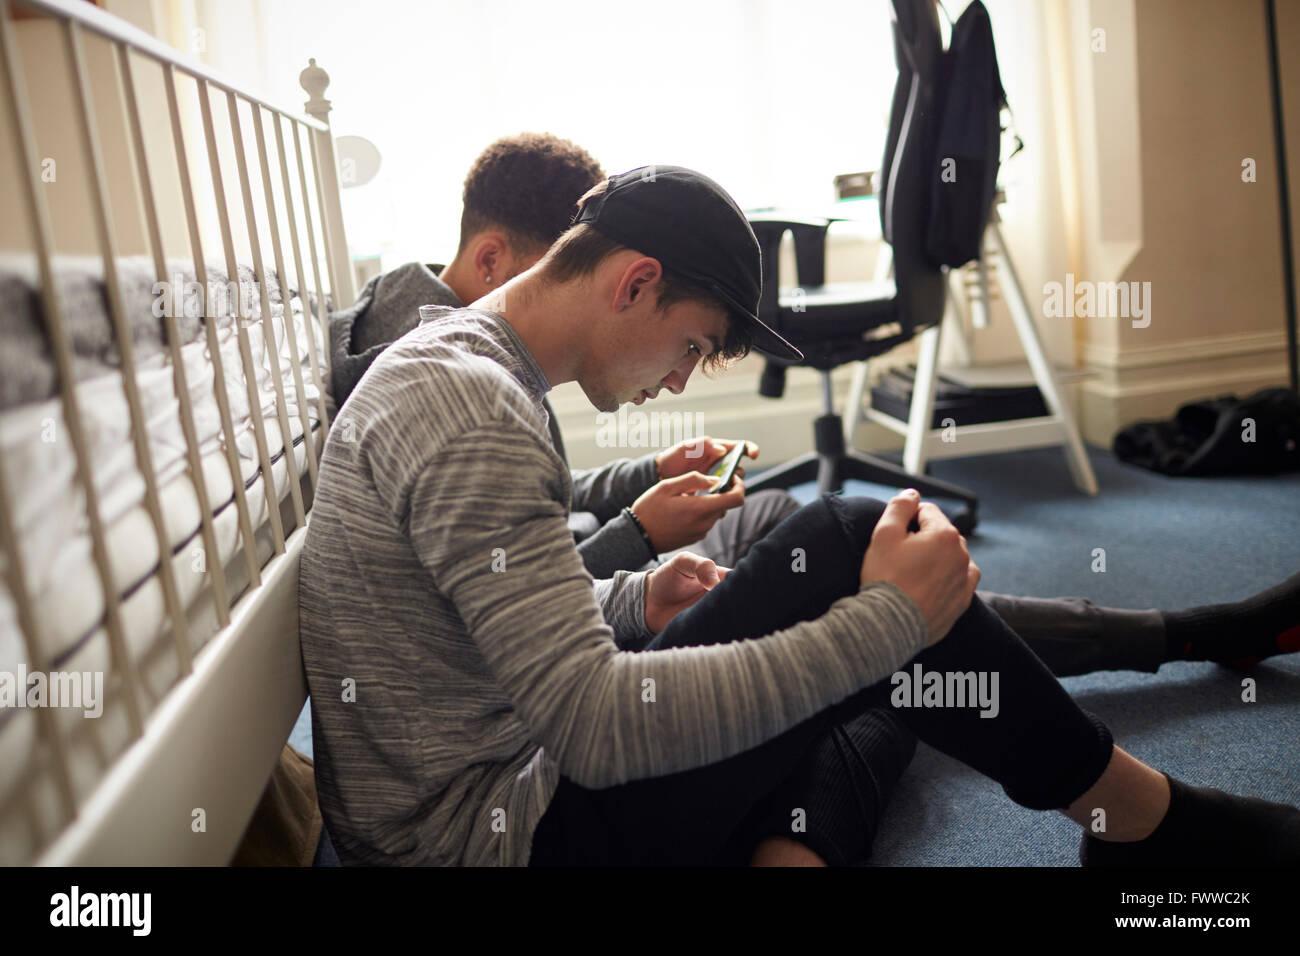 Deux garçons dans la chambre vérifier les messages sur les téléphones mobiles Photo Stock